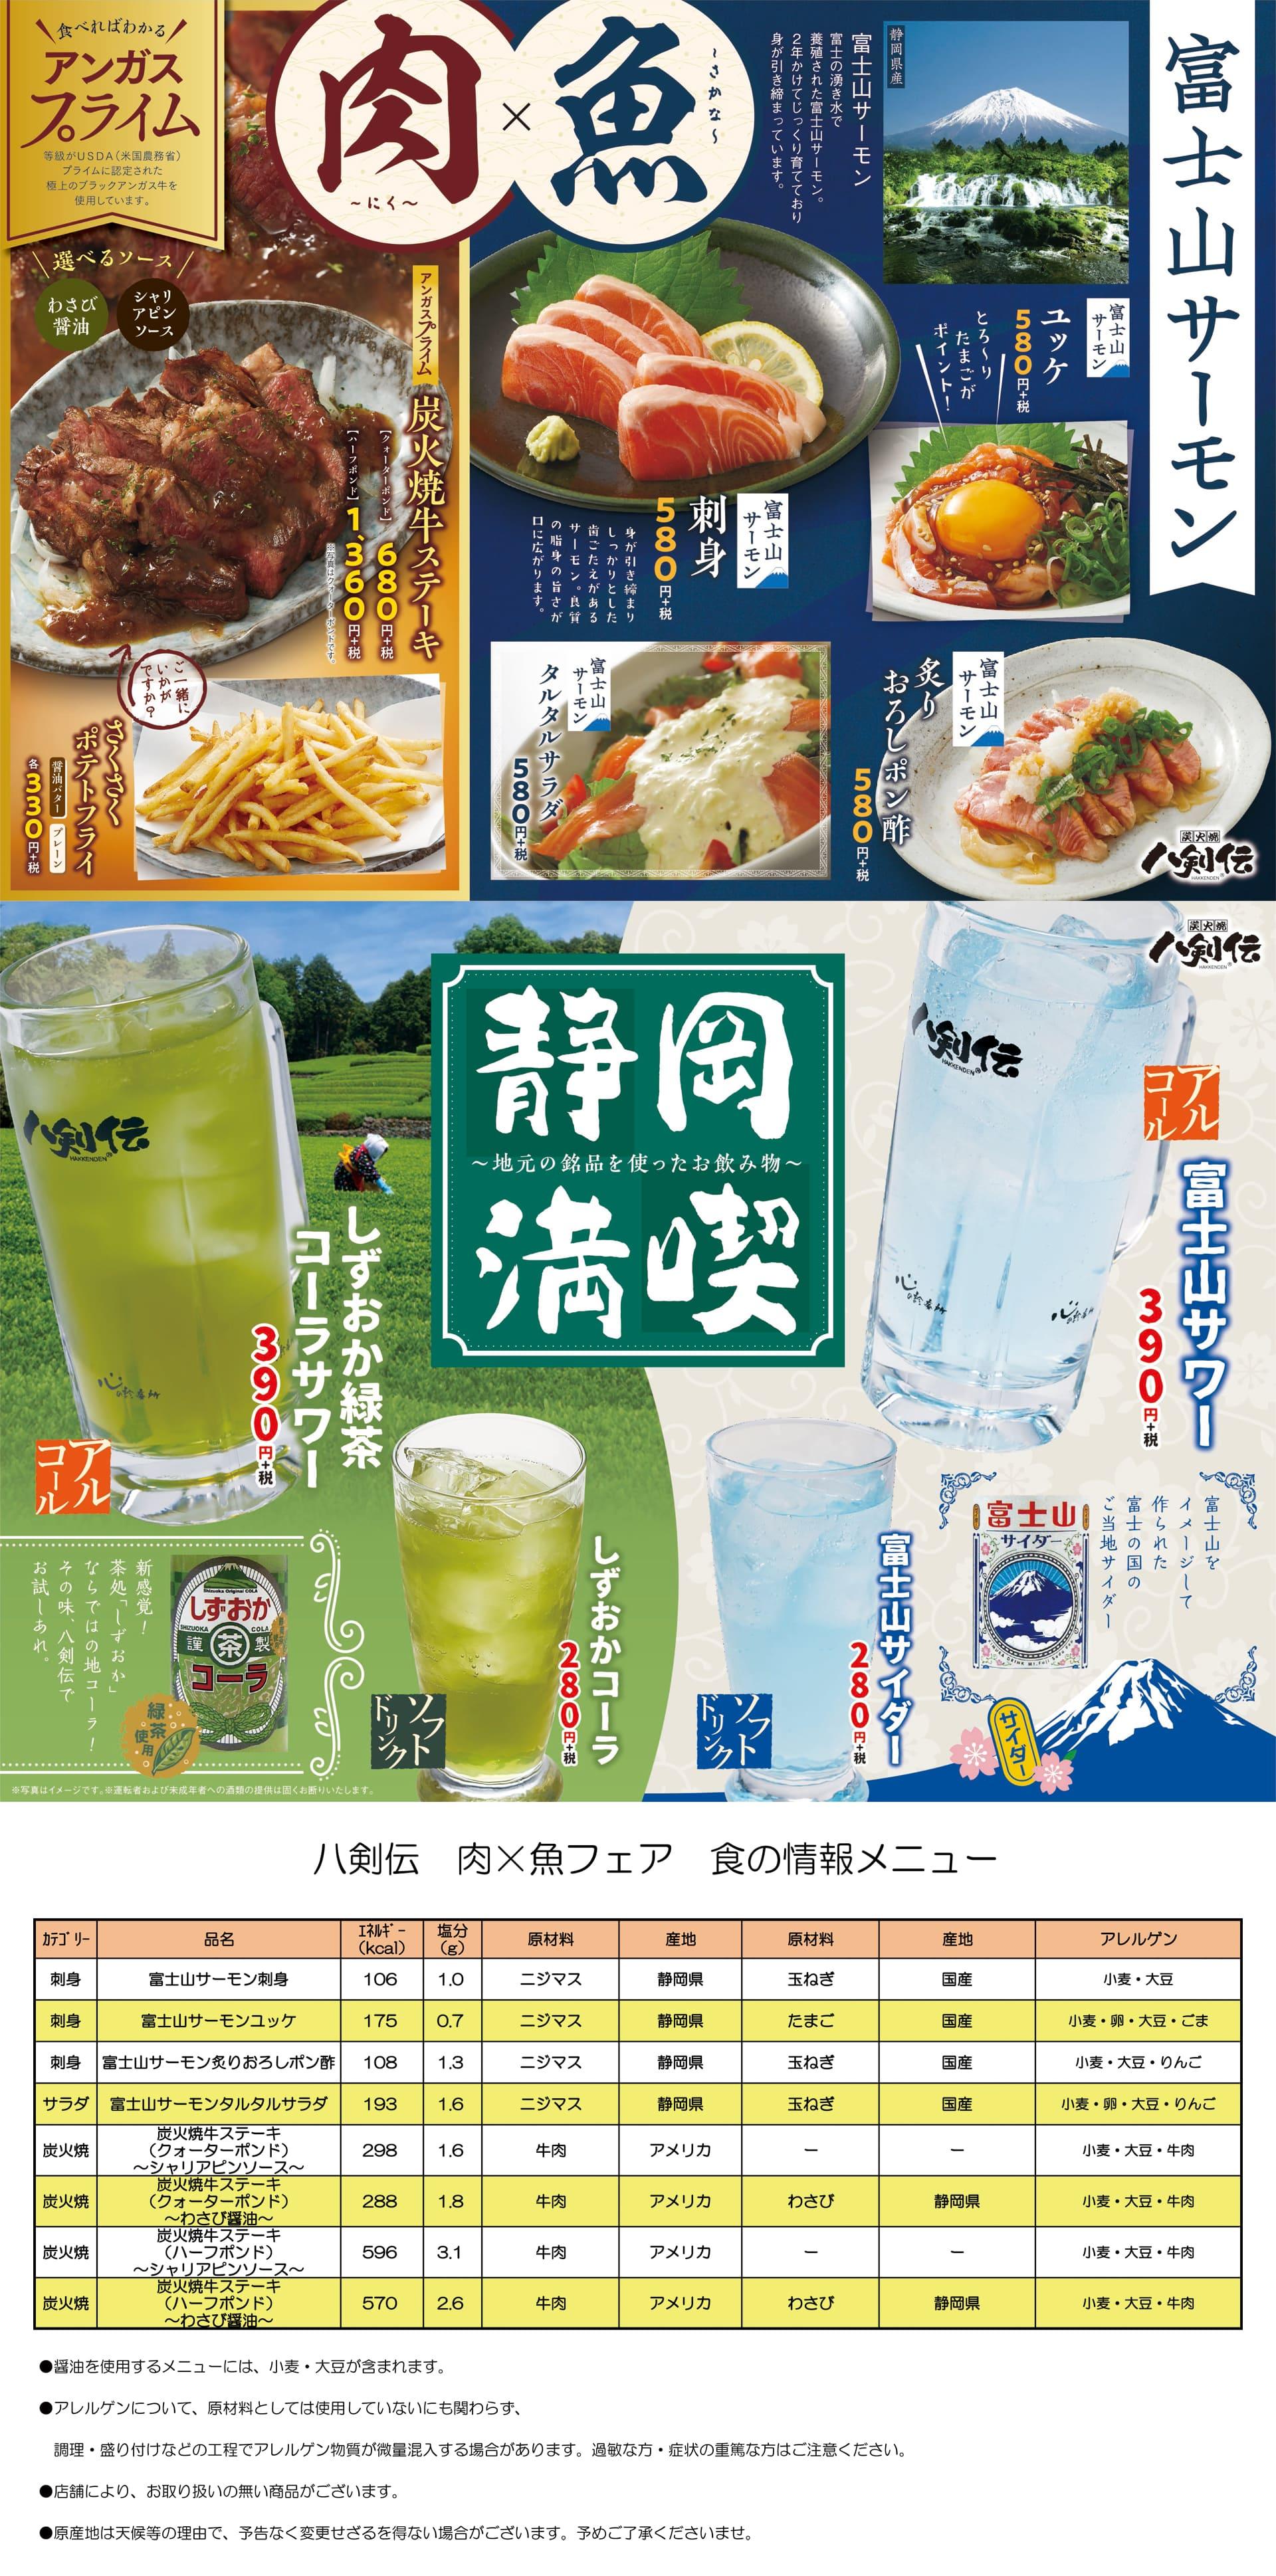 八剣伝 肉×魚フェア